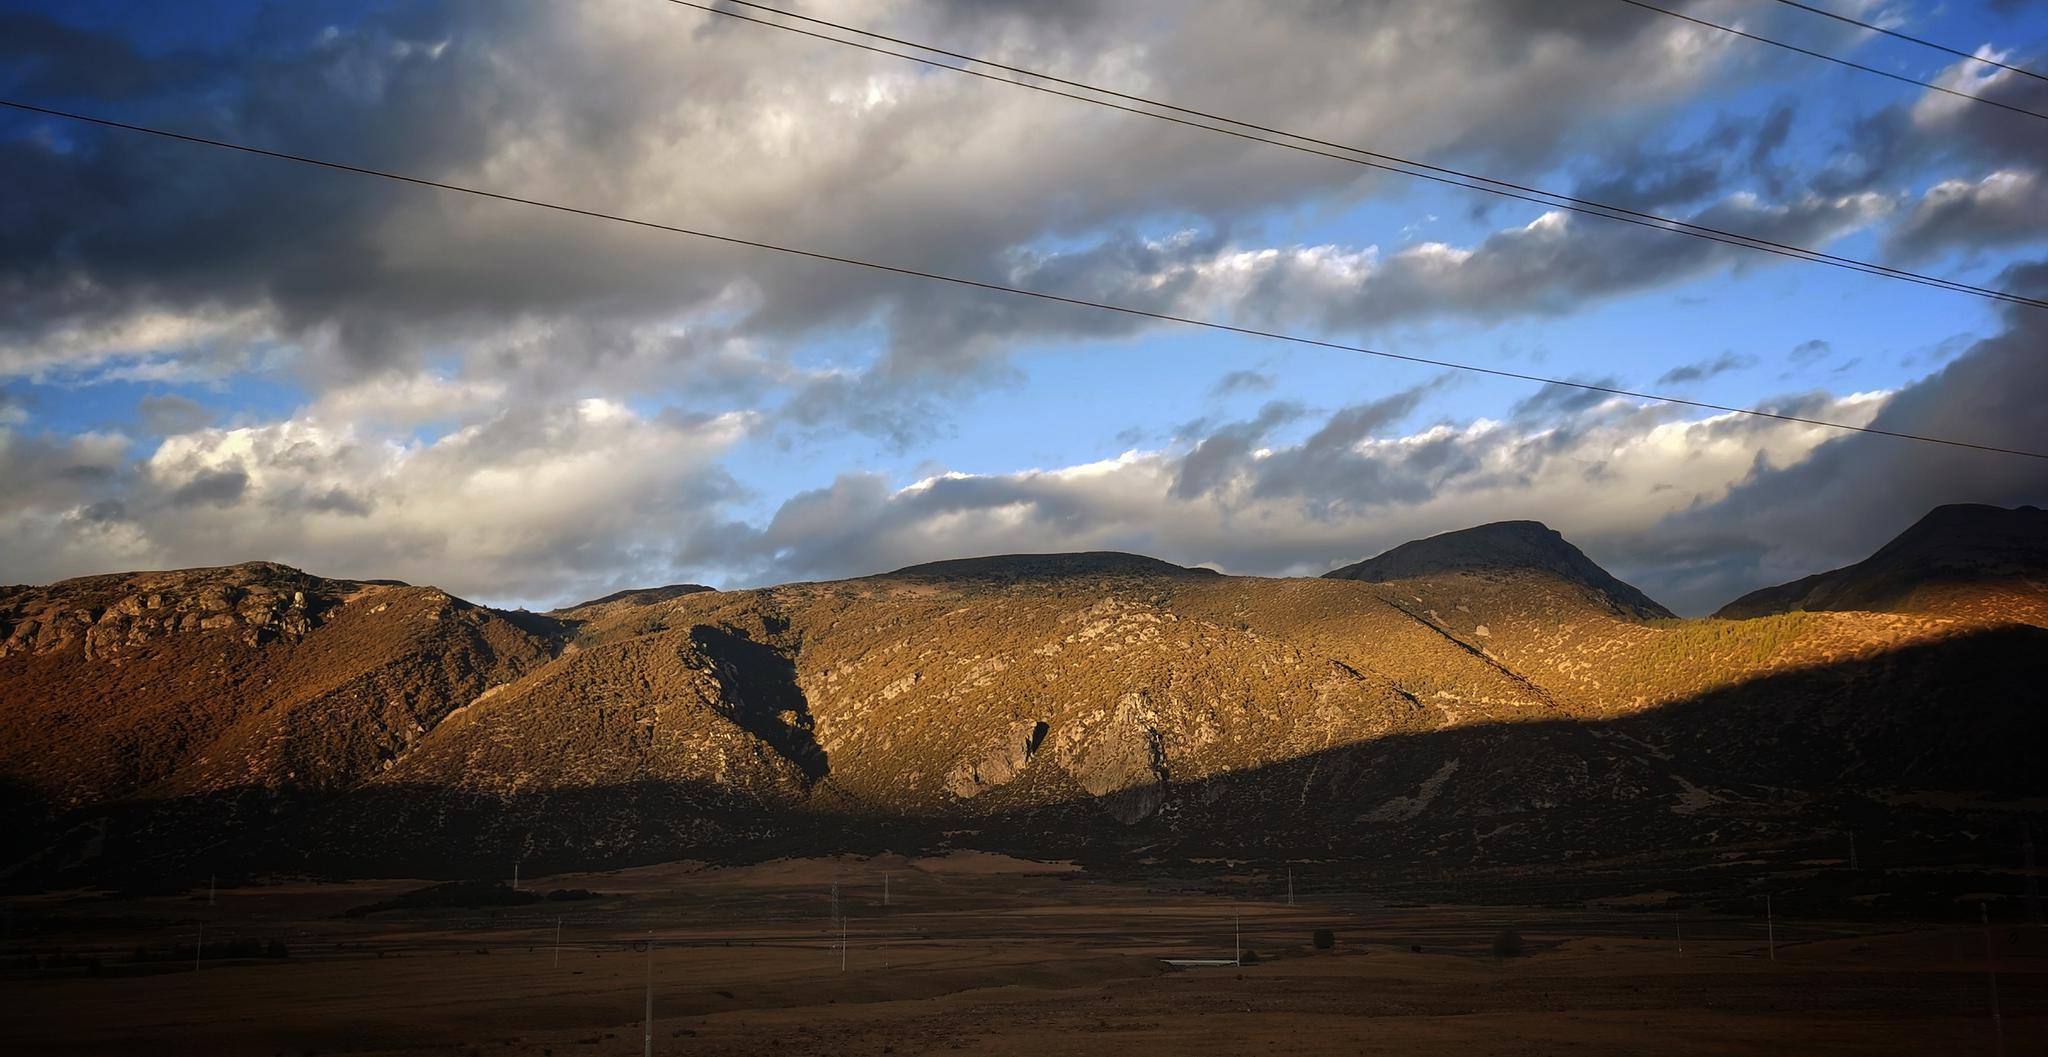 从成都去稻城亚丁的沿途风景都能把人美到爆……